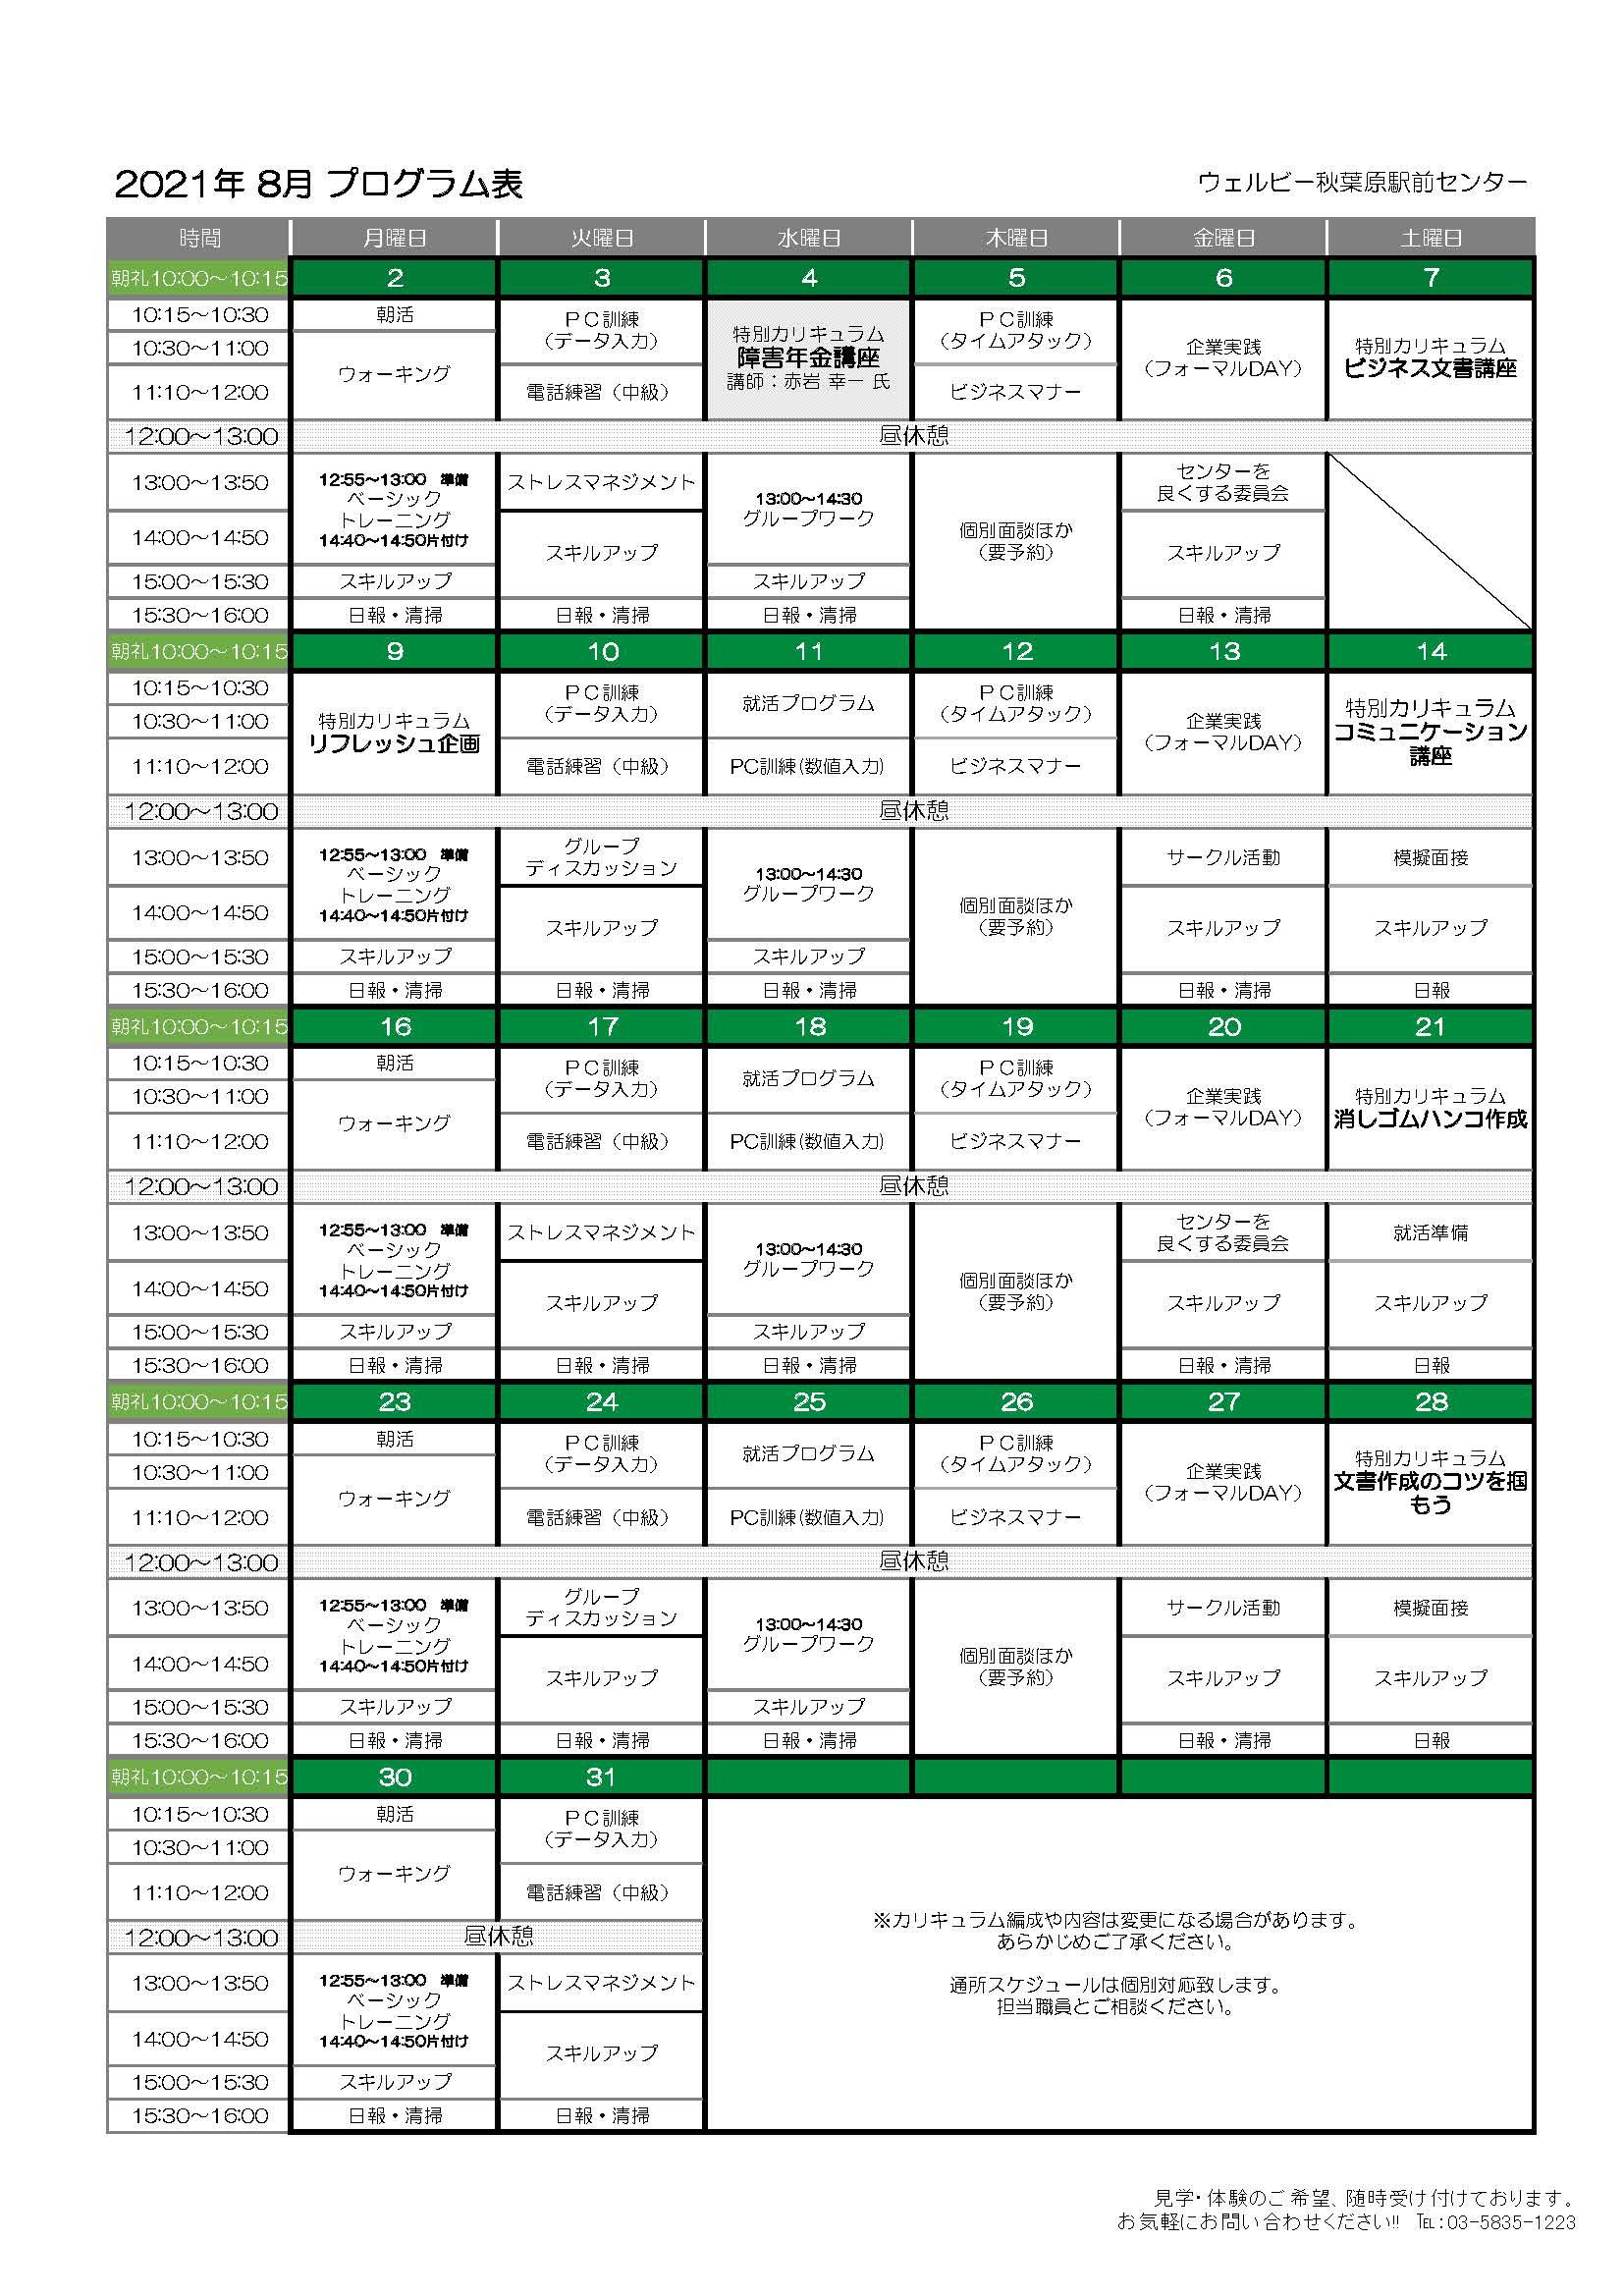 ウェルビー秋葉原駅前センター月間プログラム表(8月)